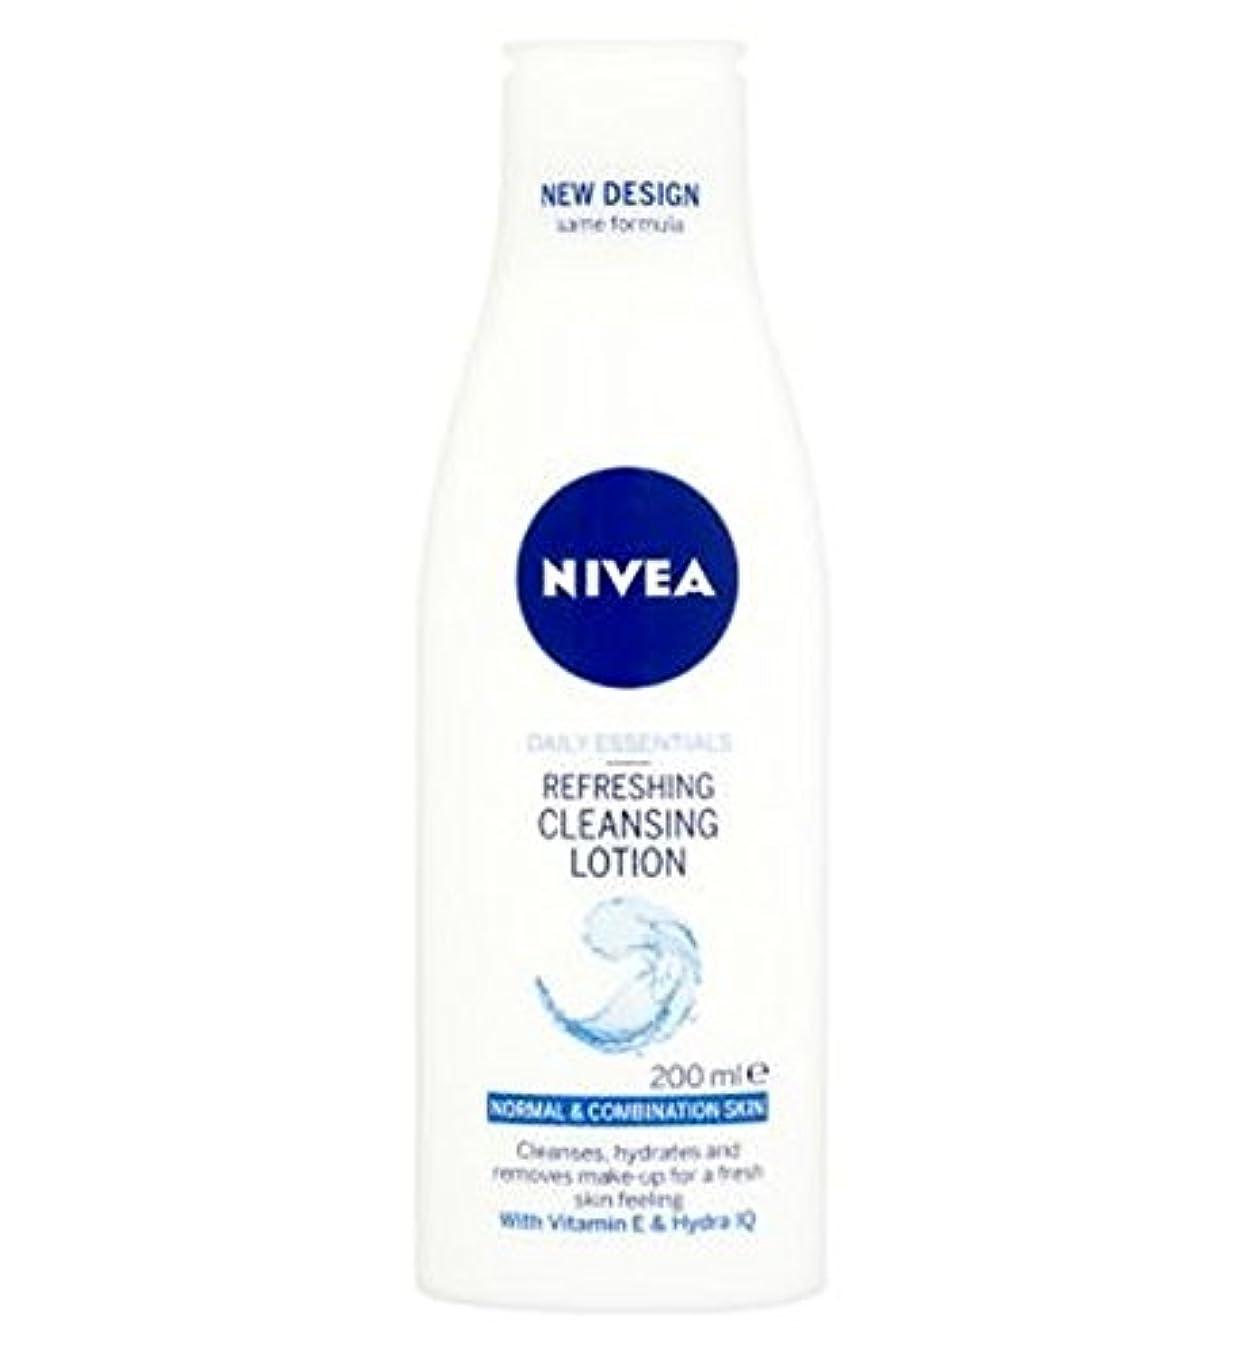 羊限りなく検索エンジンマーケティングNivea Daily Essentials Refreshing Cleansing Lotion For Normal to Combination Skin 200ml - 混合肌の200ミリリットルに、通常のための...